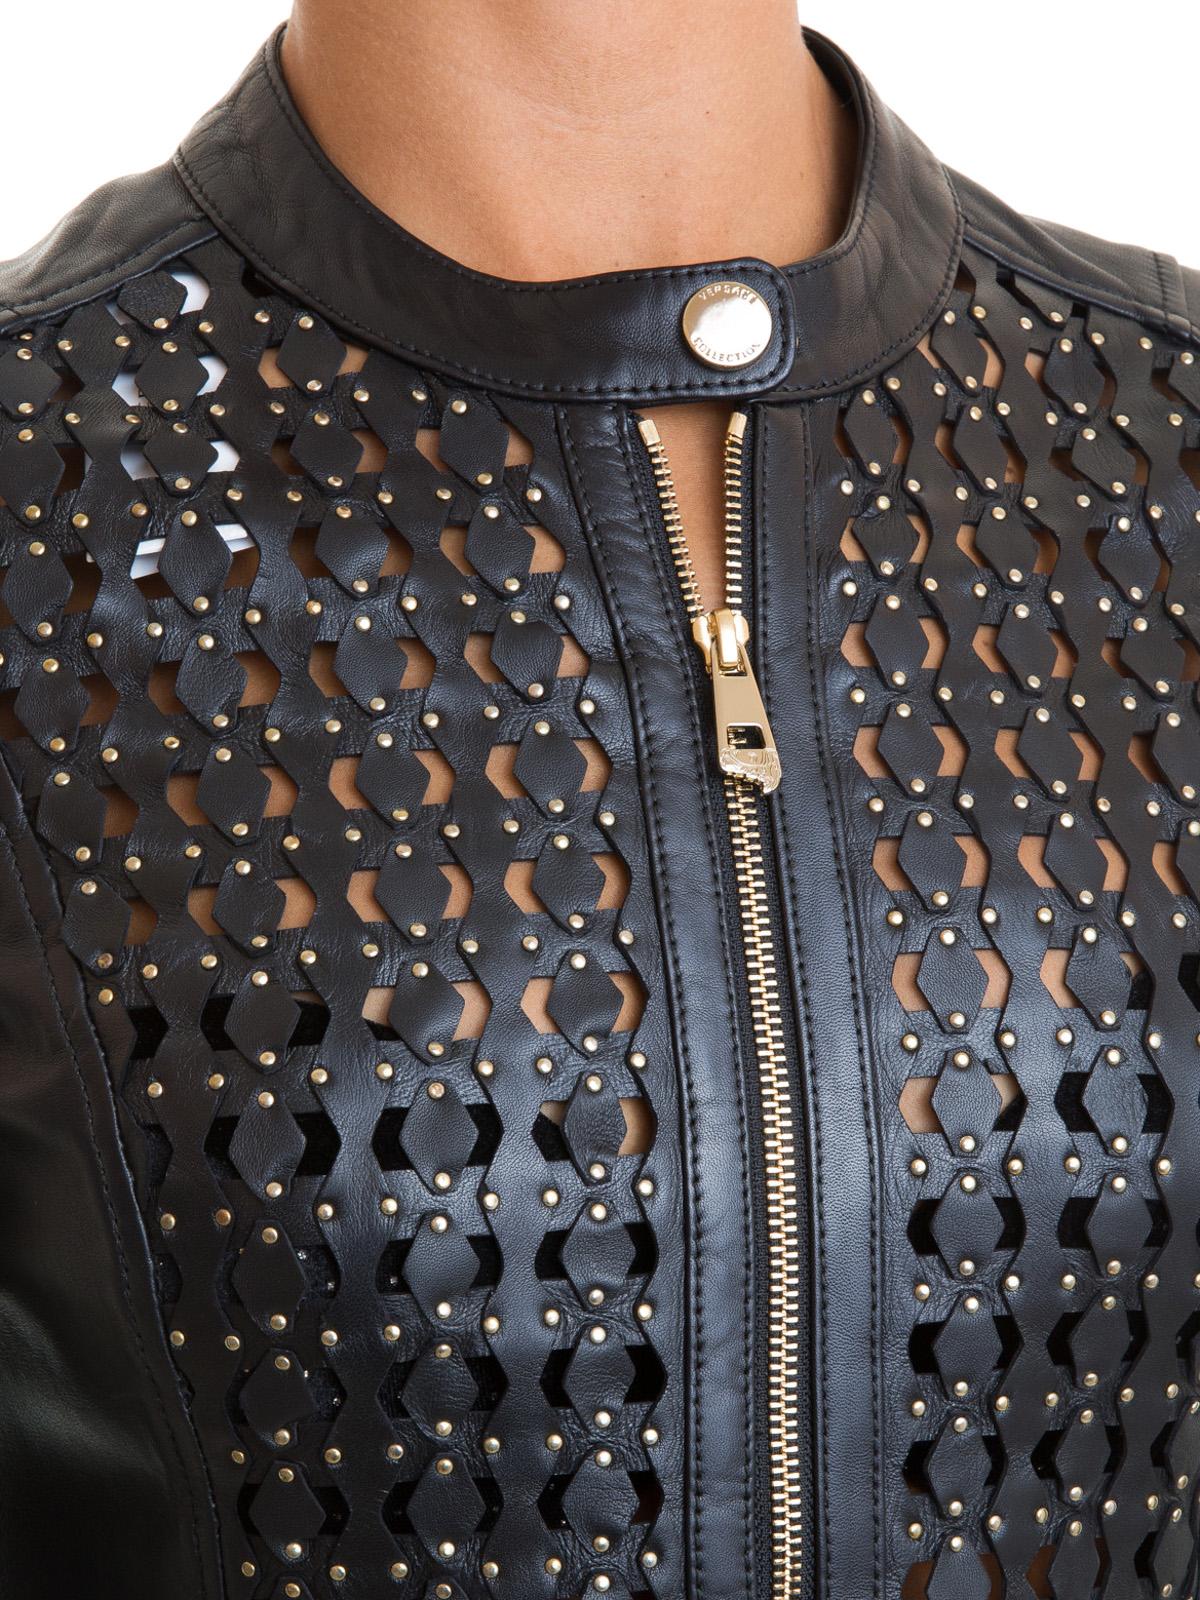 20443ae6144 Versace Collection - Blouson En Cuir - Noir - Vestes en cuir ...